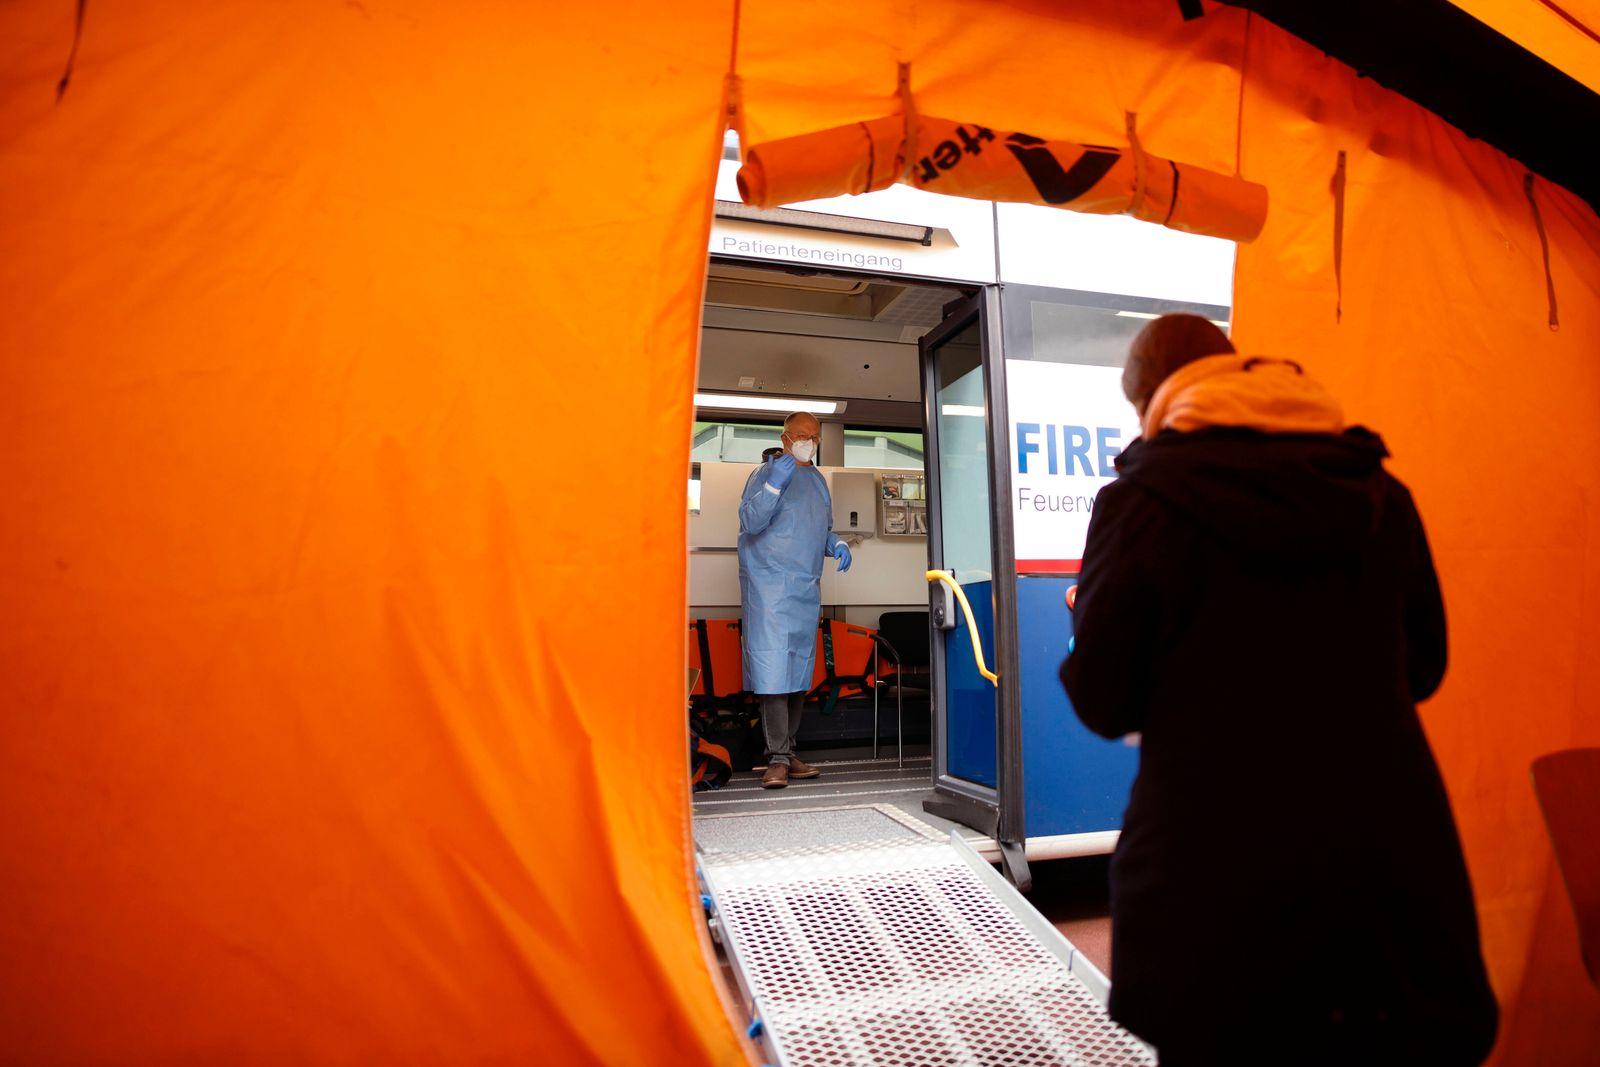 Die Stadt Köln beginnt, Menschen in Stadtteilen mit besonders hoher Inzidenz - sogenannte Hochinzidenzgebiete - zu impf